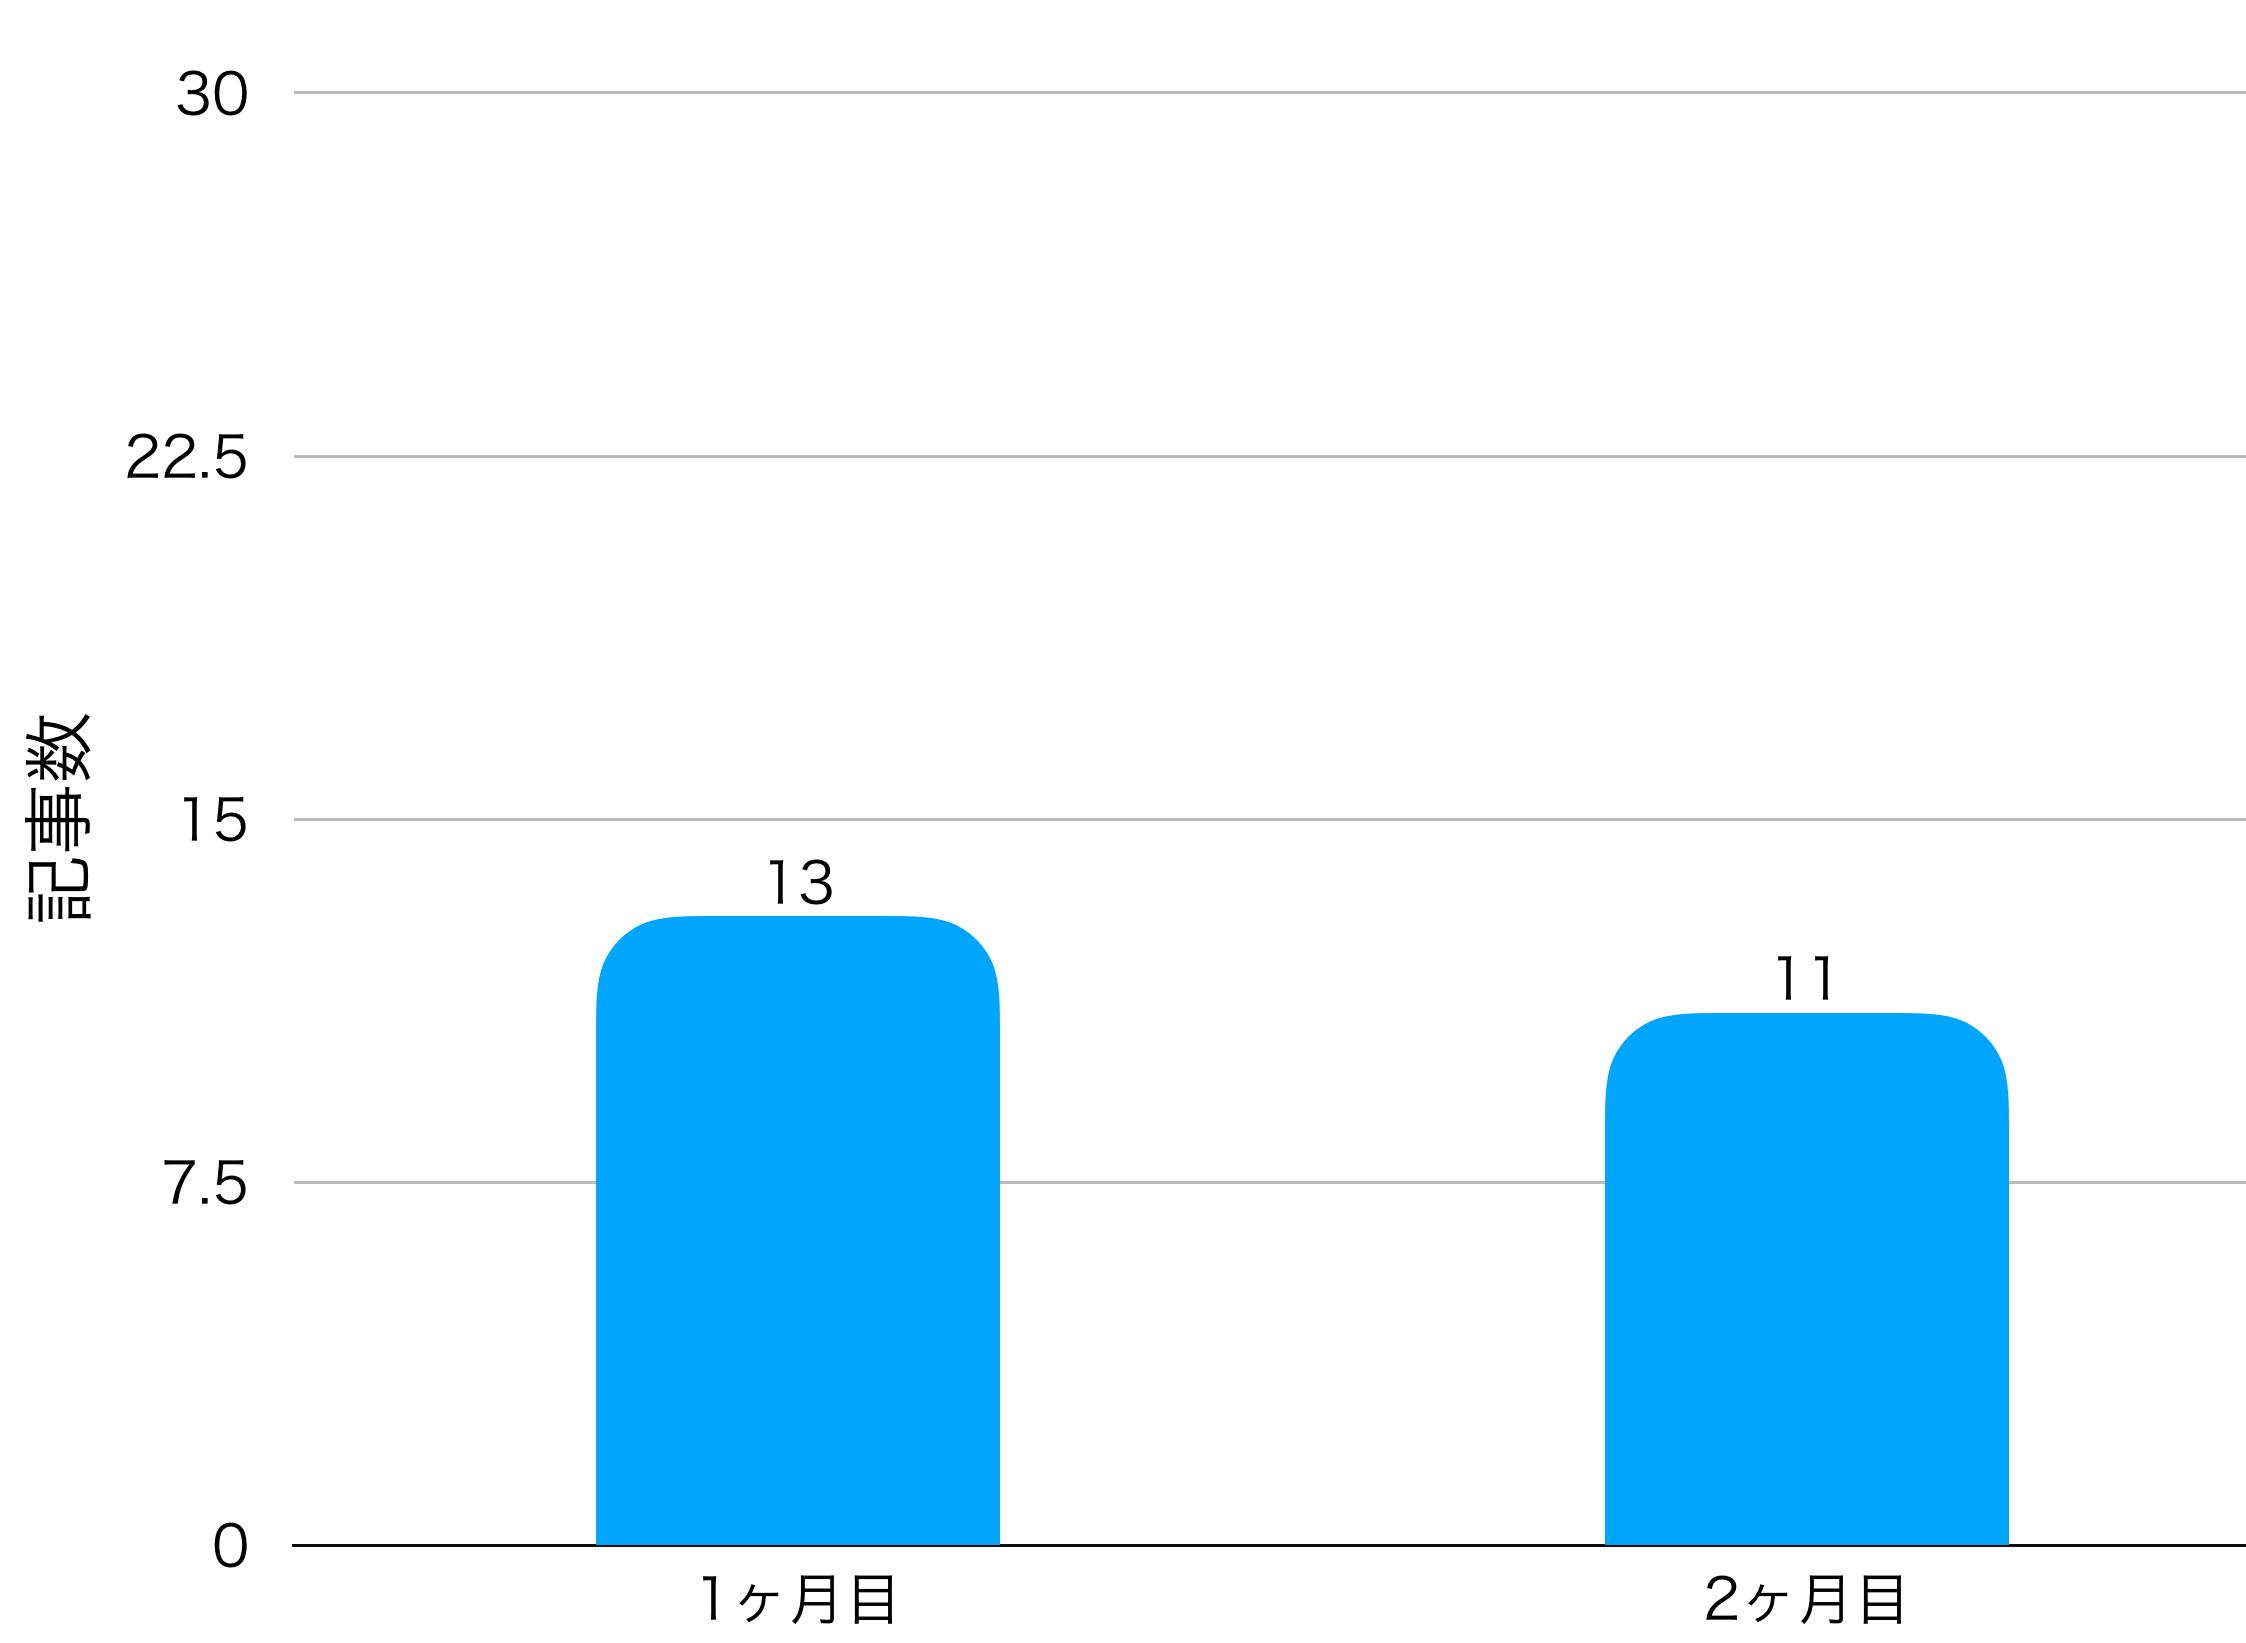 2ヶ月目の記事数の画像